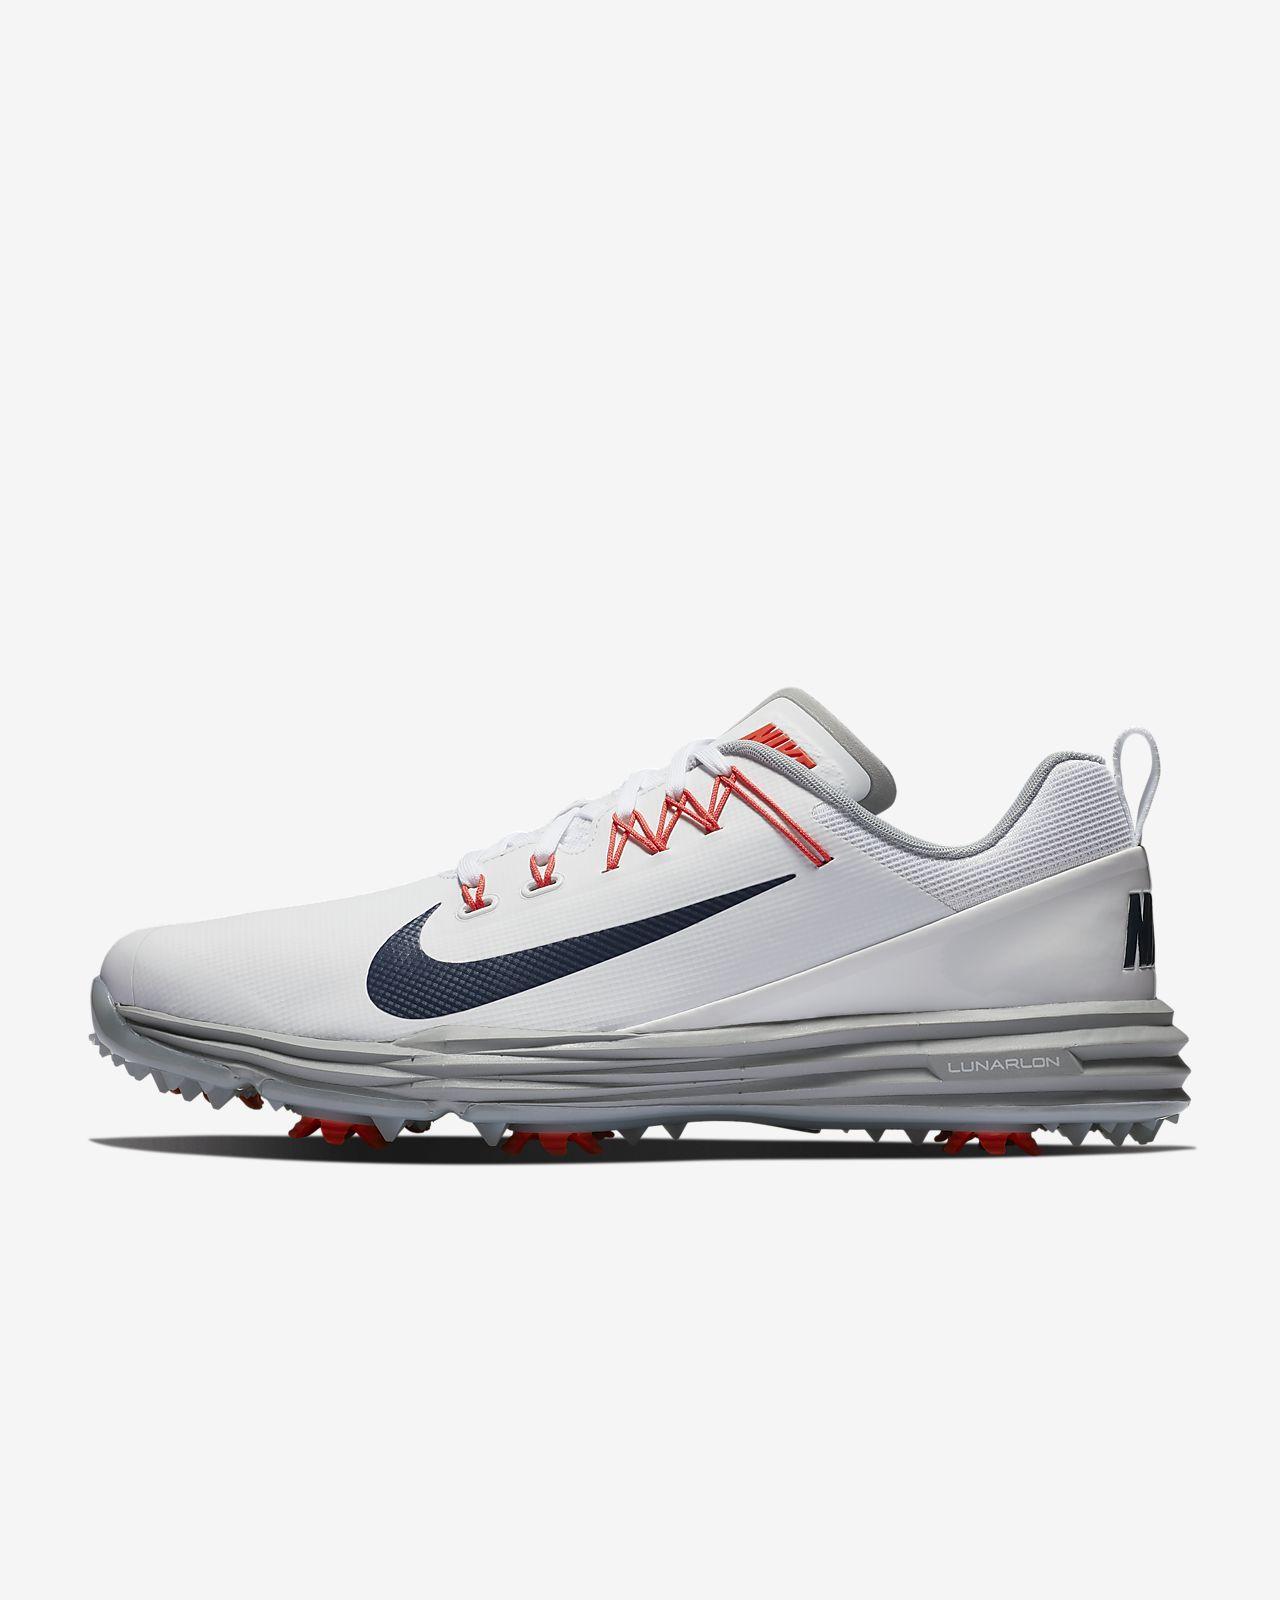 Nike Lunar Command 2 Mens Golf Shoe